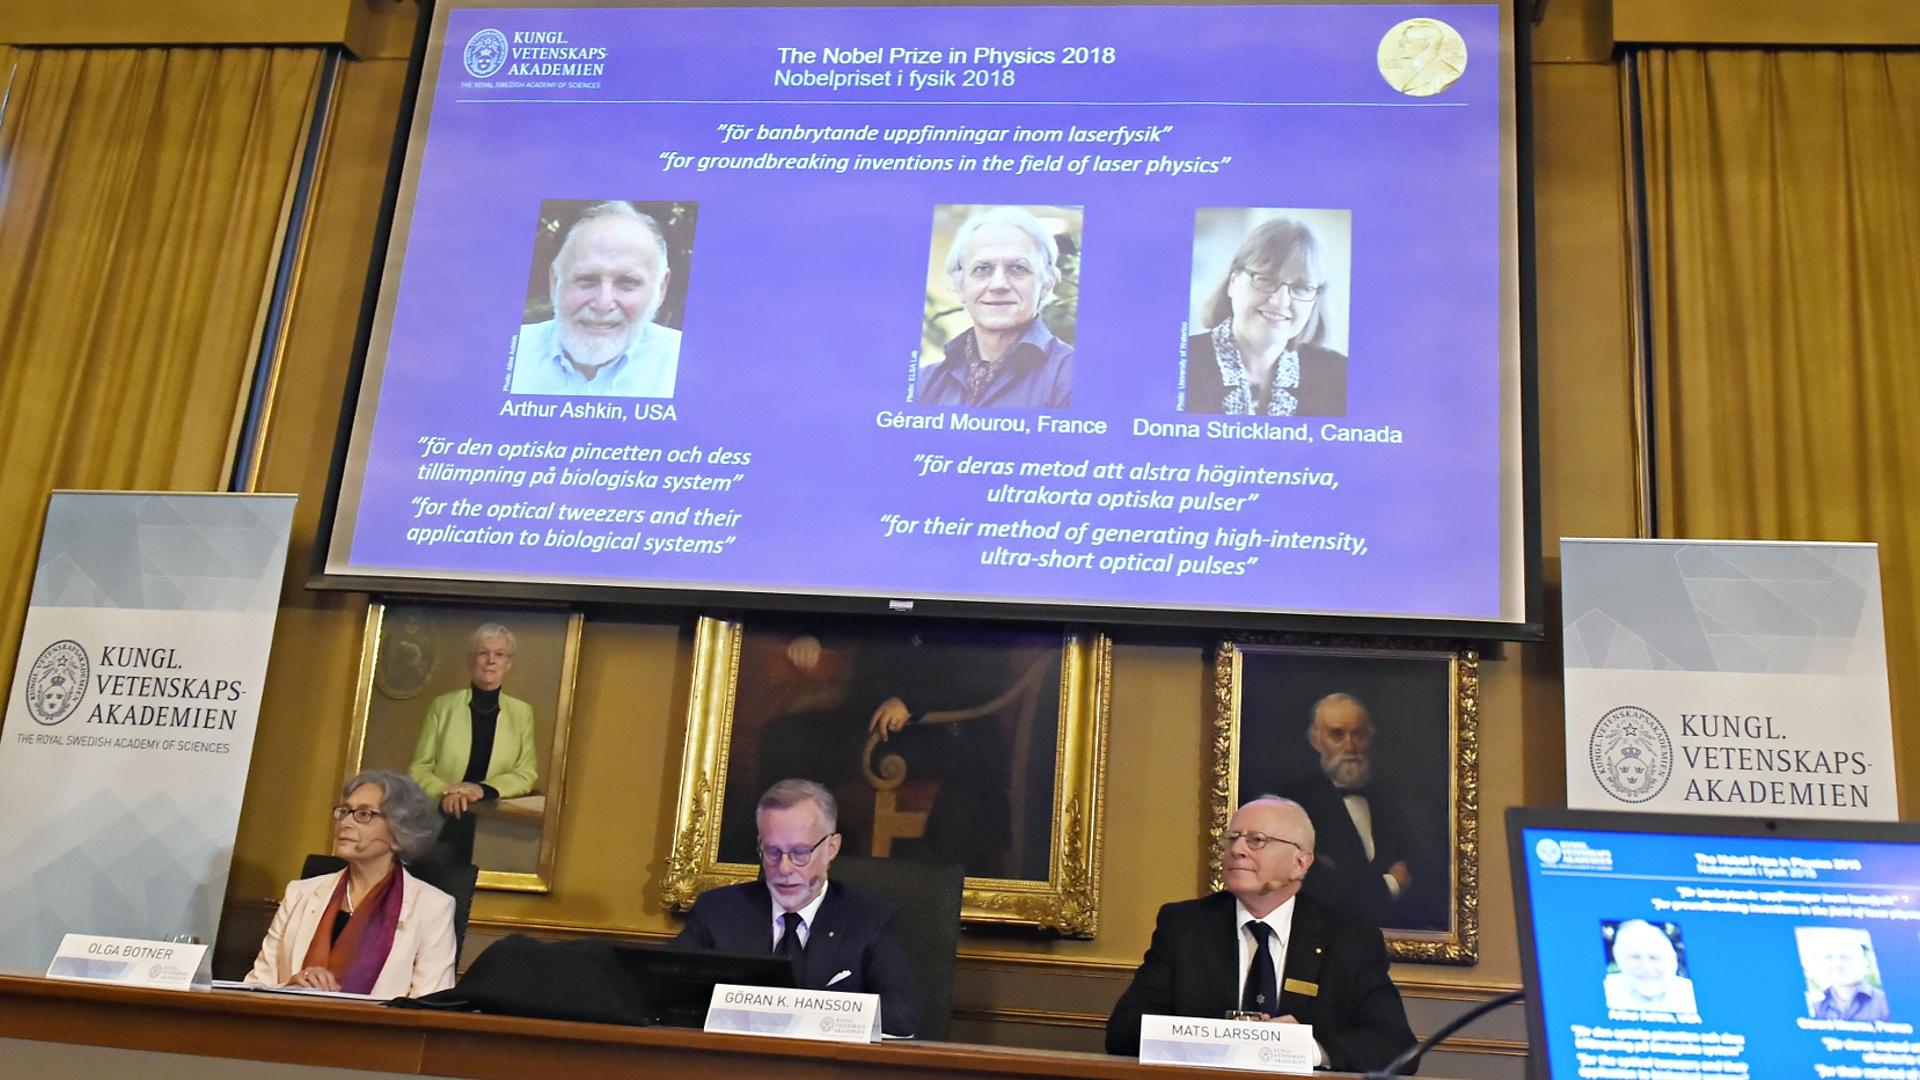 Нобелевскую премию получат трое учёных за открытия в лазерной физике